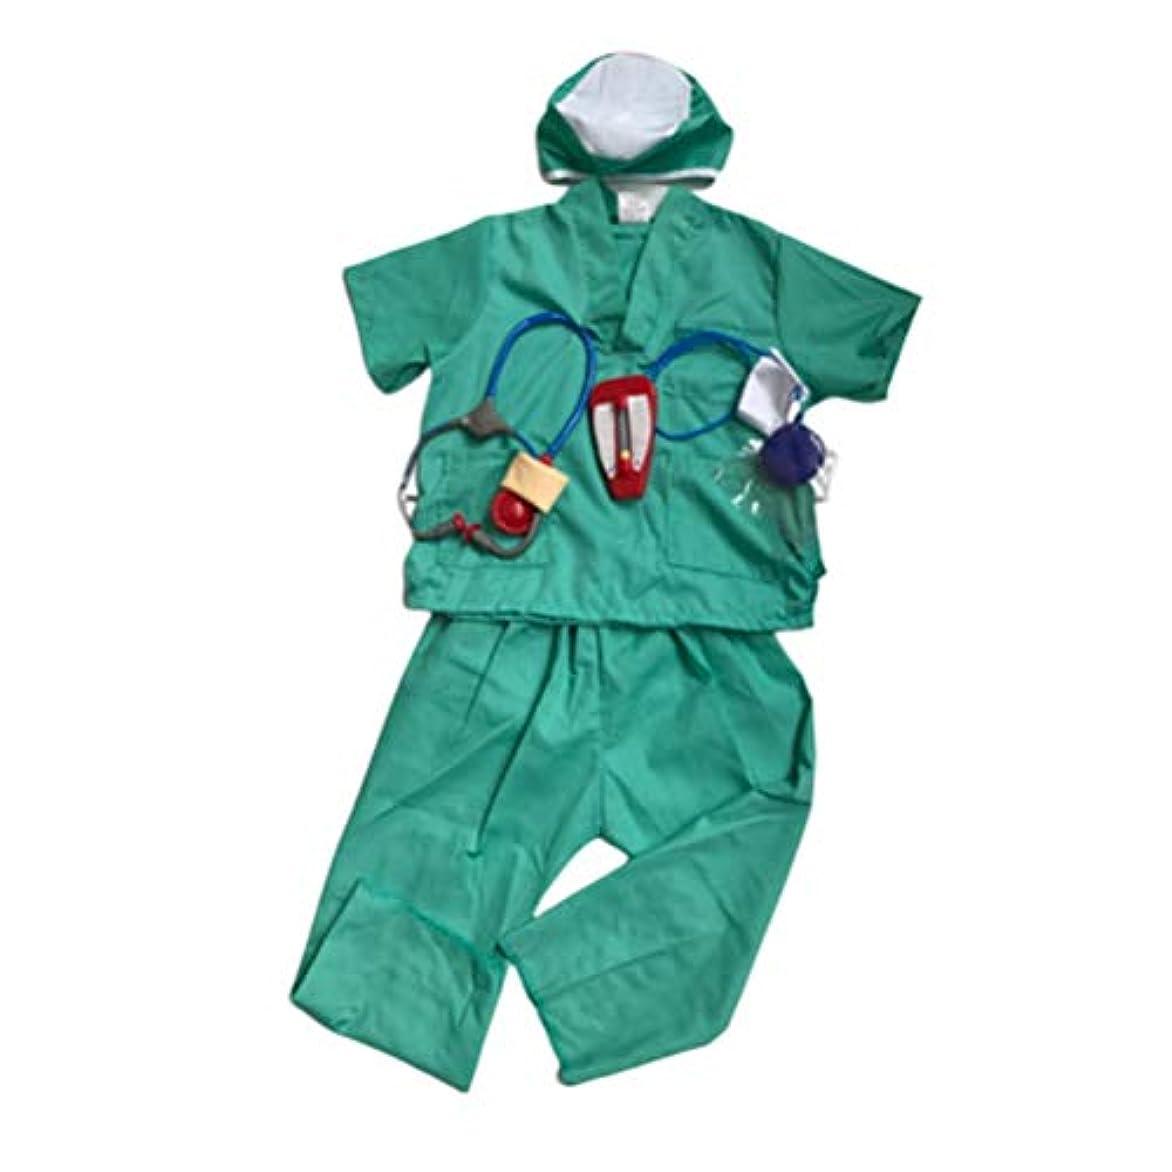 不十分な不倫ペストリーAmosfunドクターユニフォーム子供のための子供手術ガウンコスプレ衣装ロールプレイ衣装ハロウィン仮装パーティー